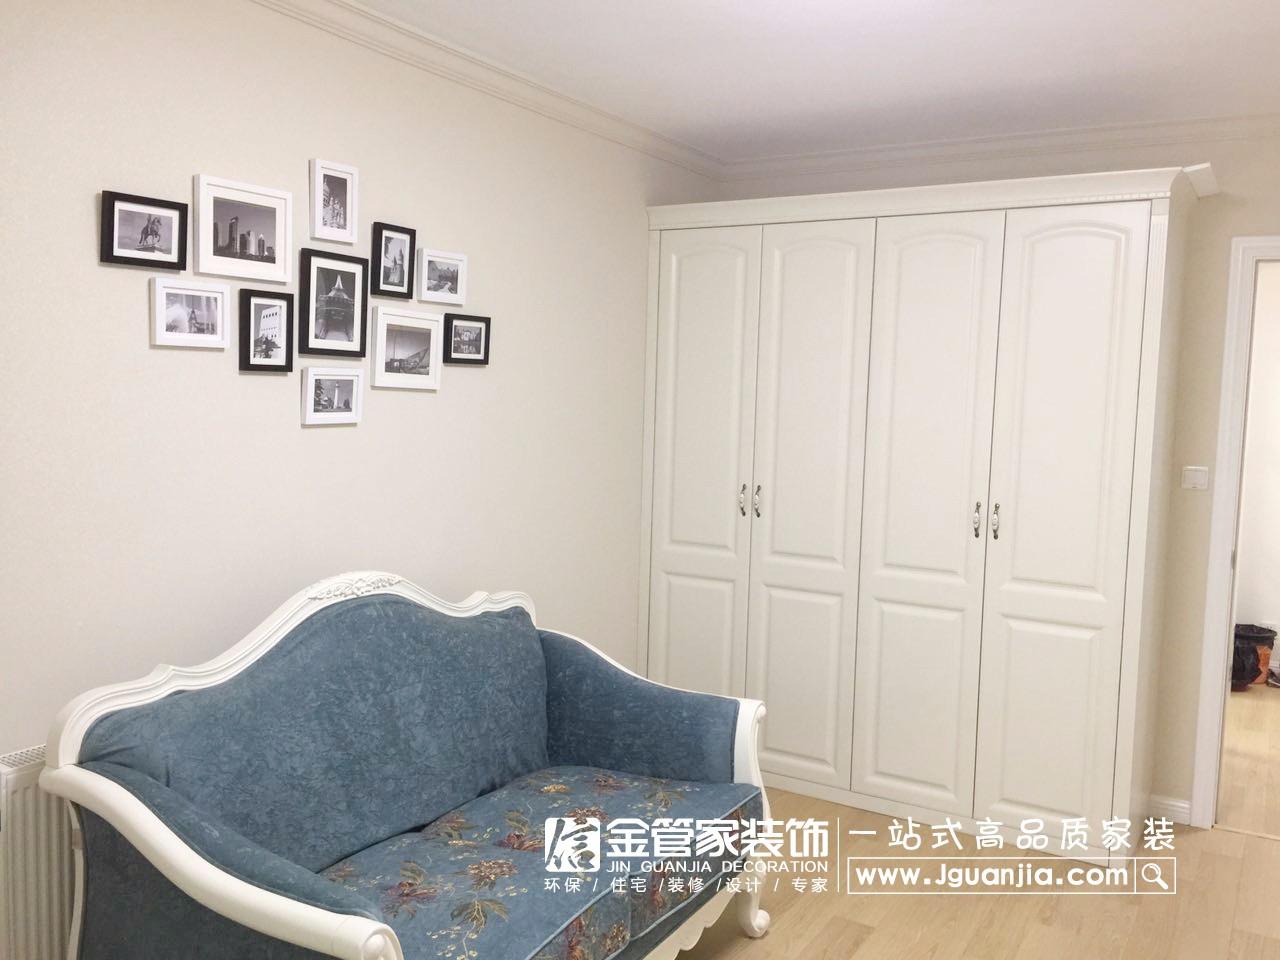 南京二手房乐投客户端改造公司